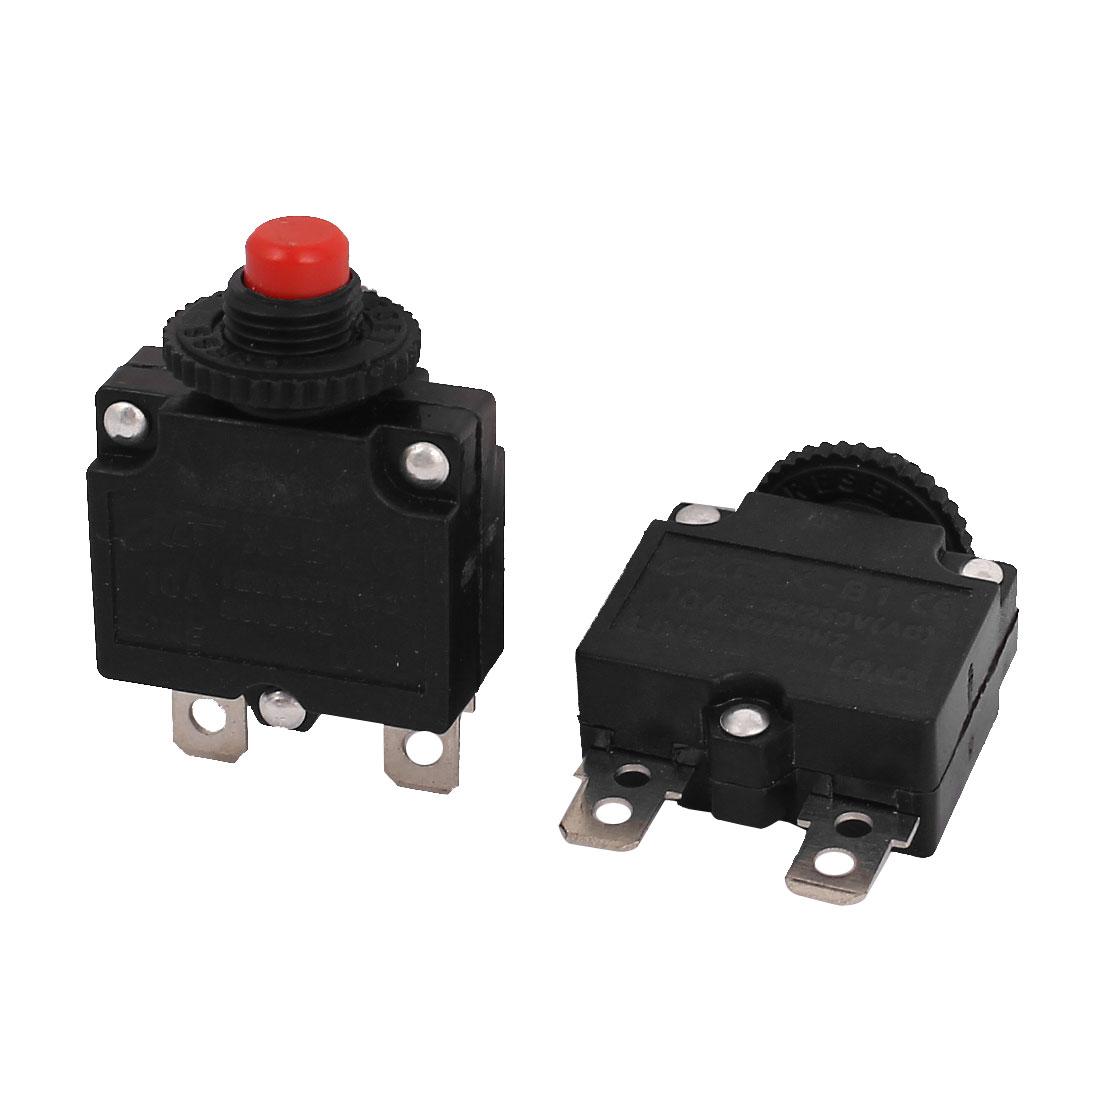 UXCELL Material Ac 125V/250V 10A 10Mm Thread Nc Push Reset Overload Circuit Breaker 2Pcs metal plastic,